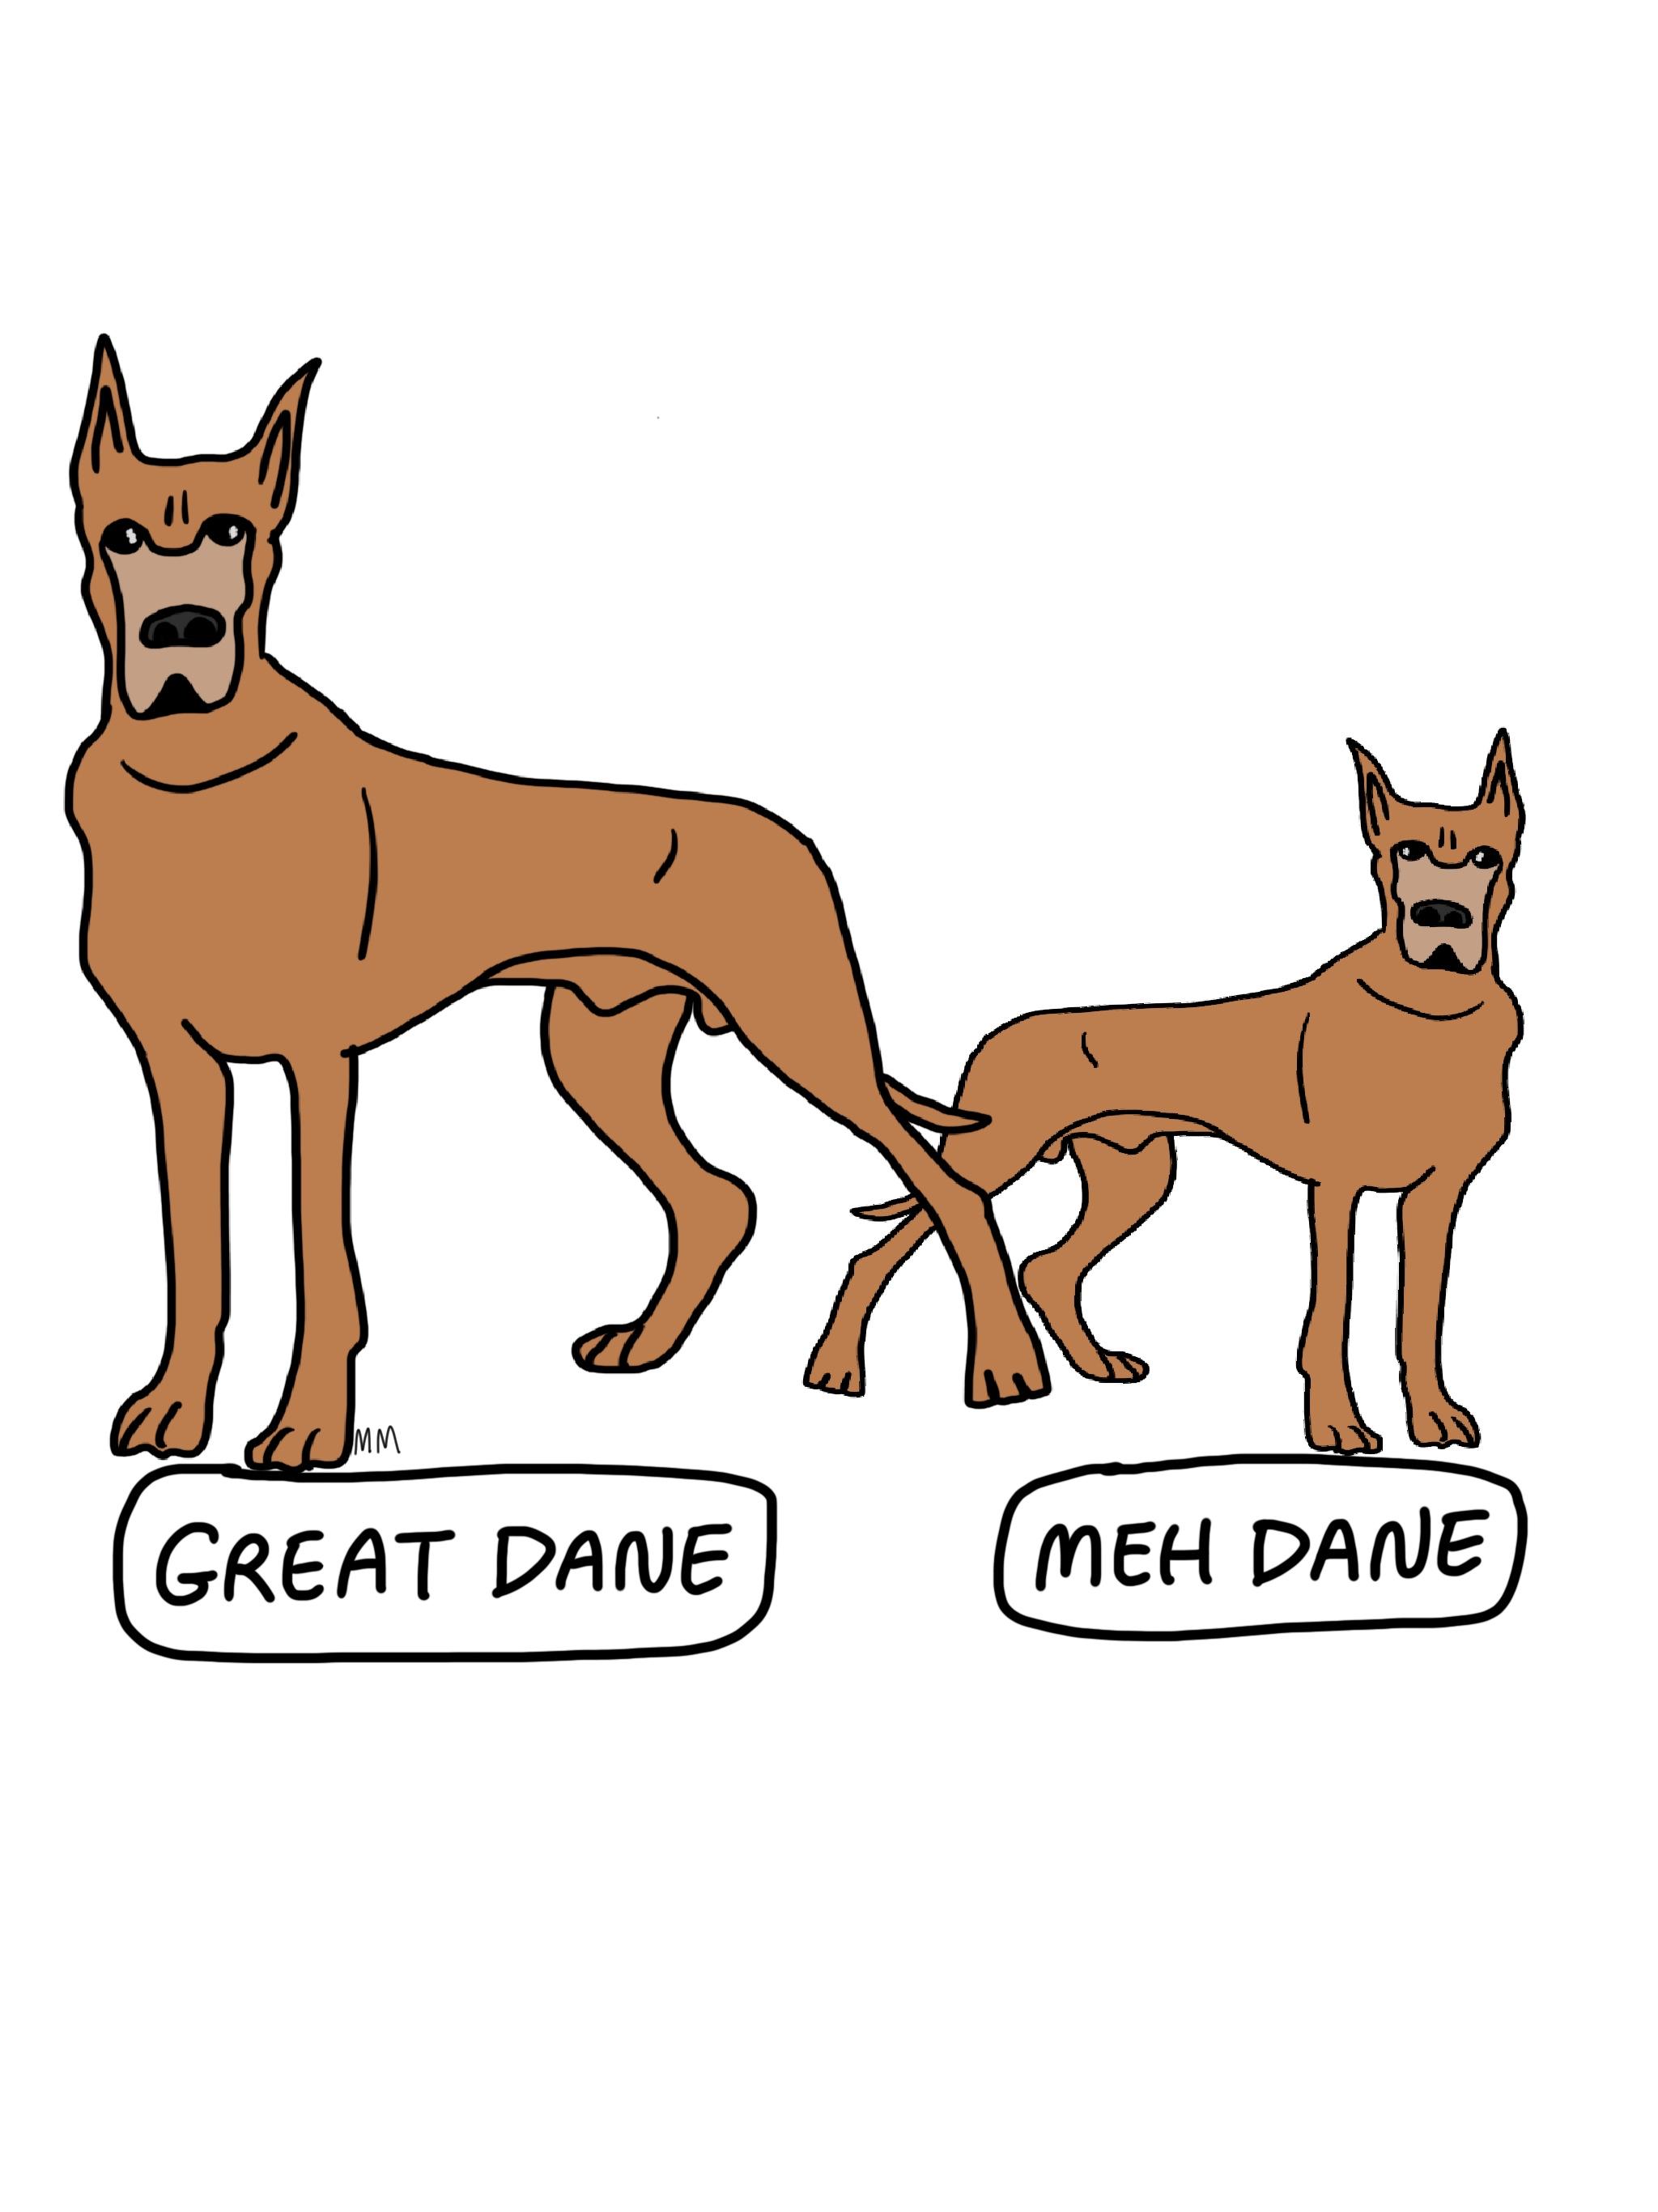 Meh Dane